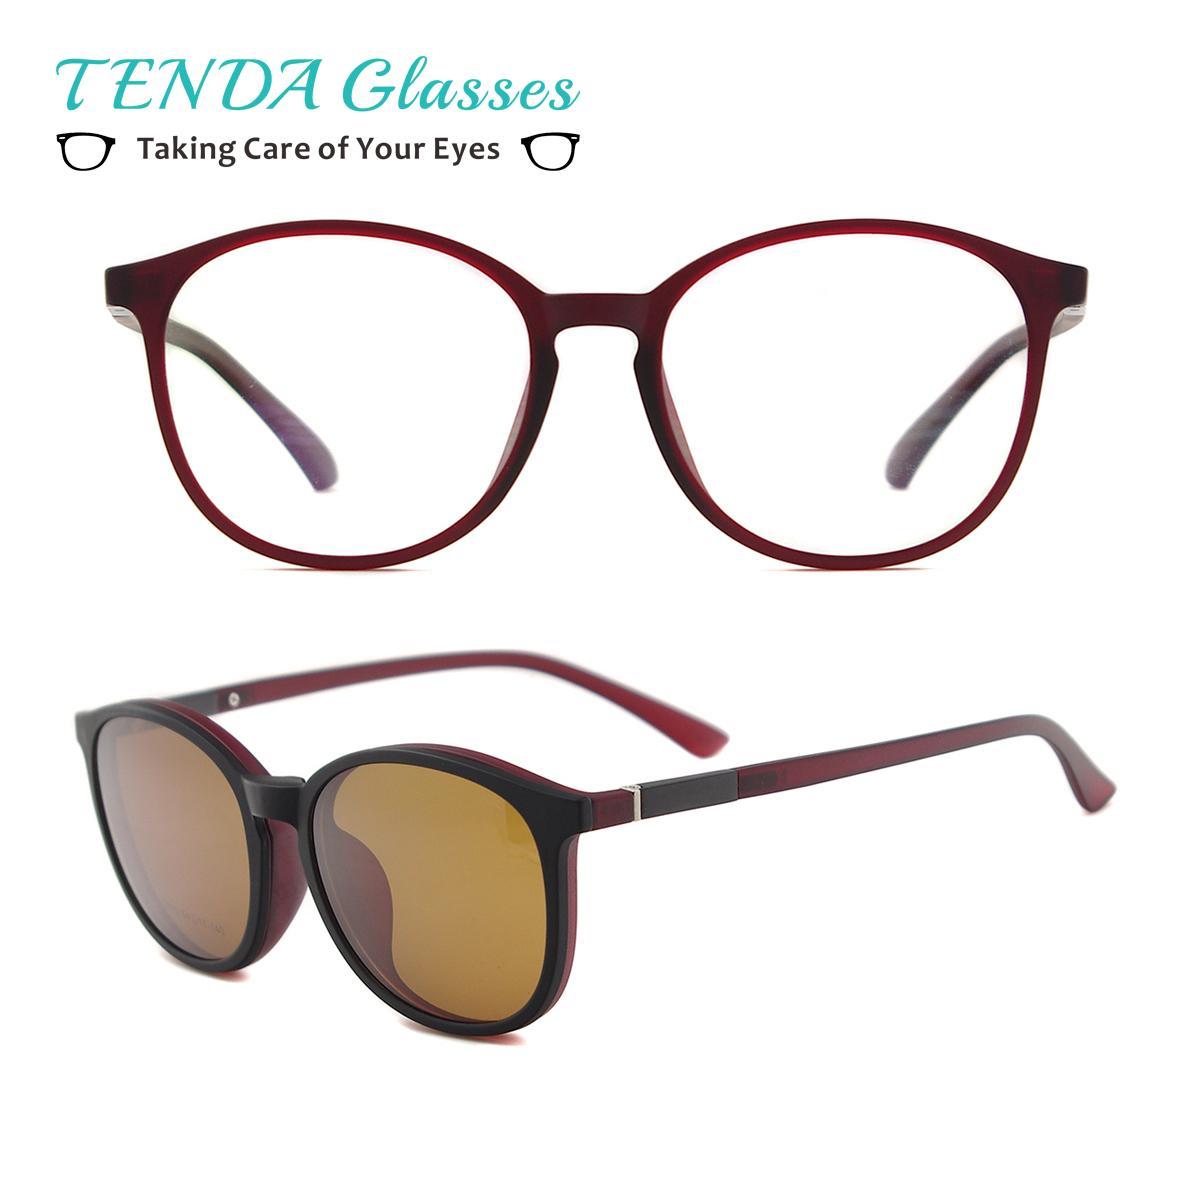 Compre Flexível De Plástico Do Vintage Rodada Óculos De Sol Mulheres  Prescrição Magnética Polarizada Óculos De Sol Para Miopia Lente Com Clip On  D18102405 ... aad42b73a4